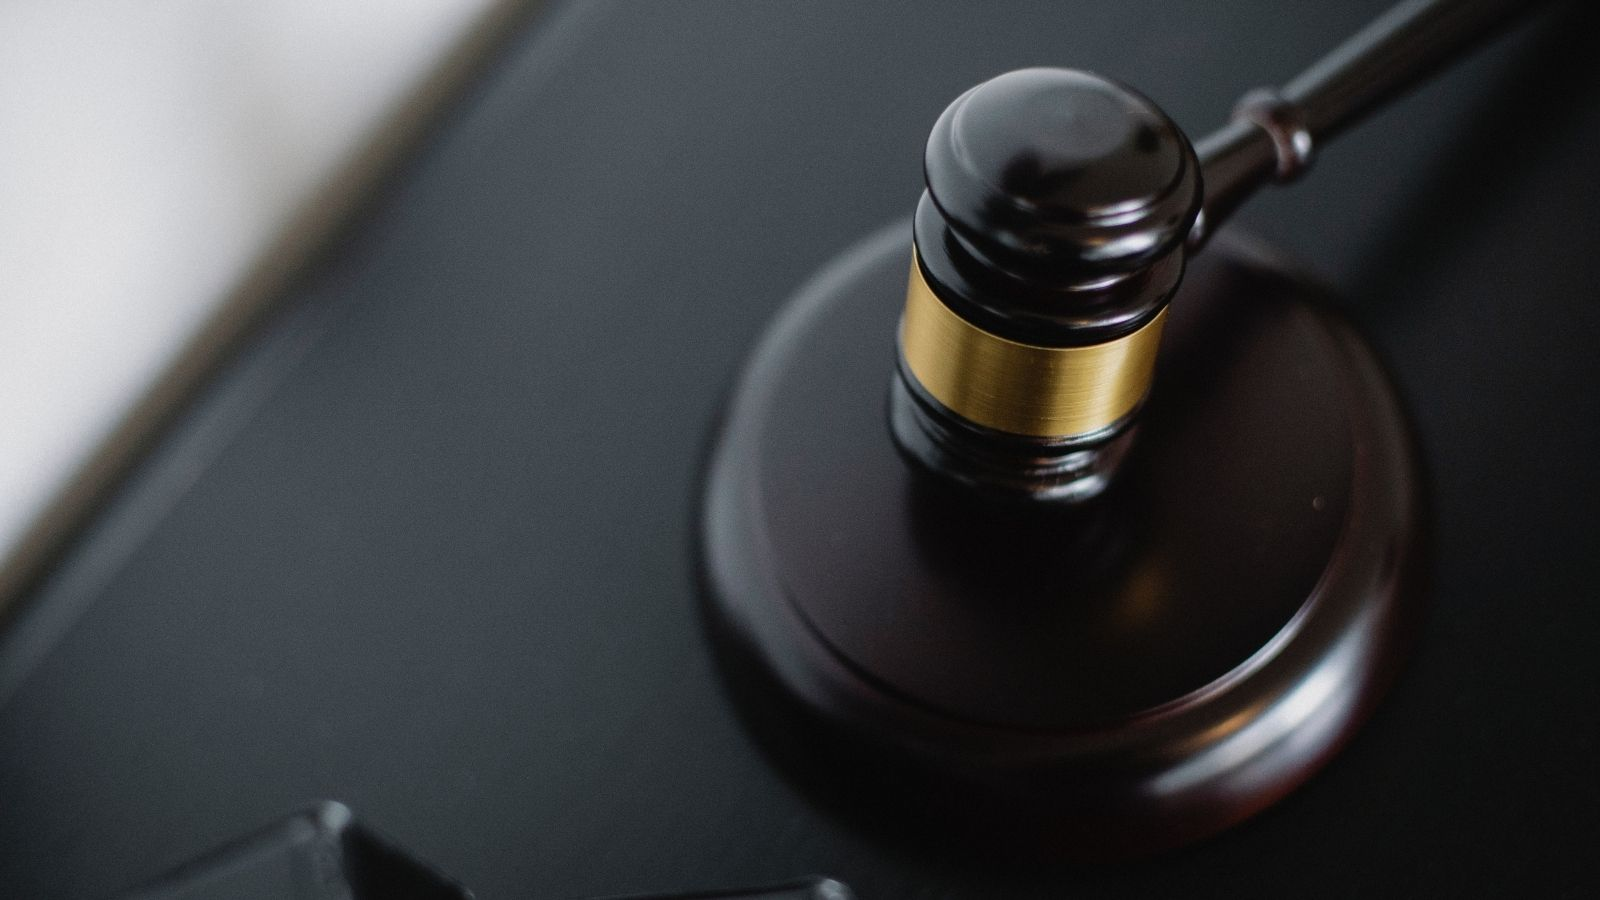 Kolejny gigant wygrywa z nieuczciwą konkurencją Branding mediarun court